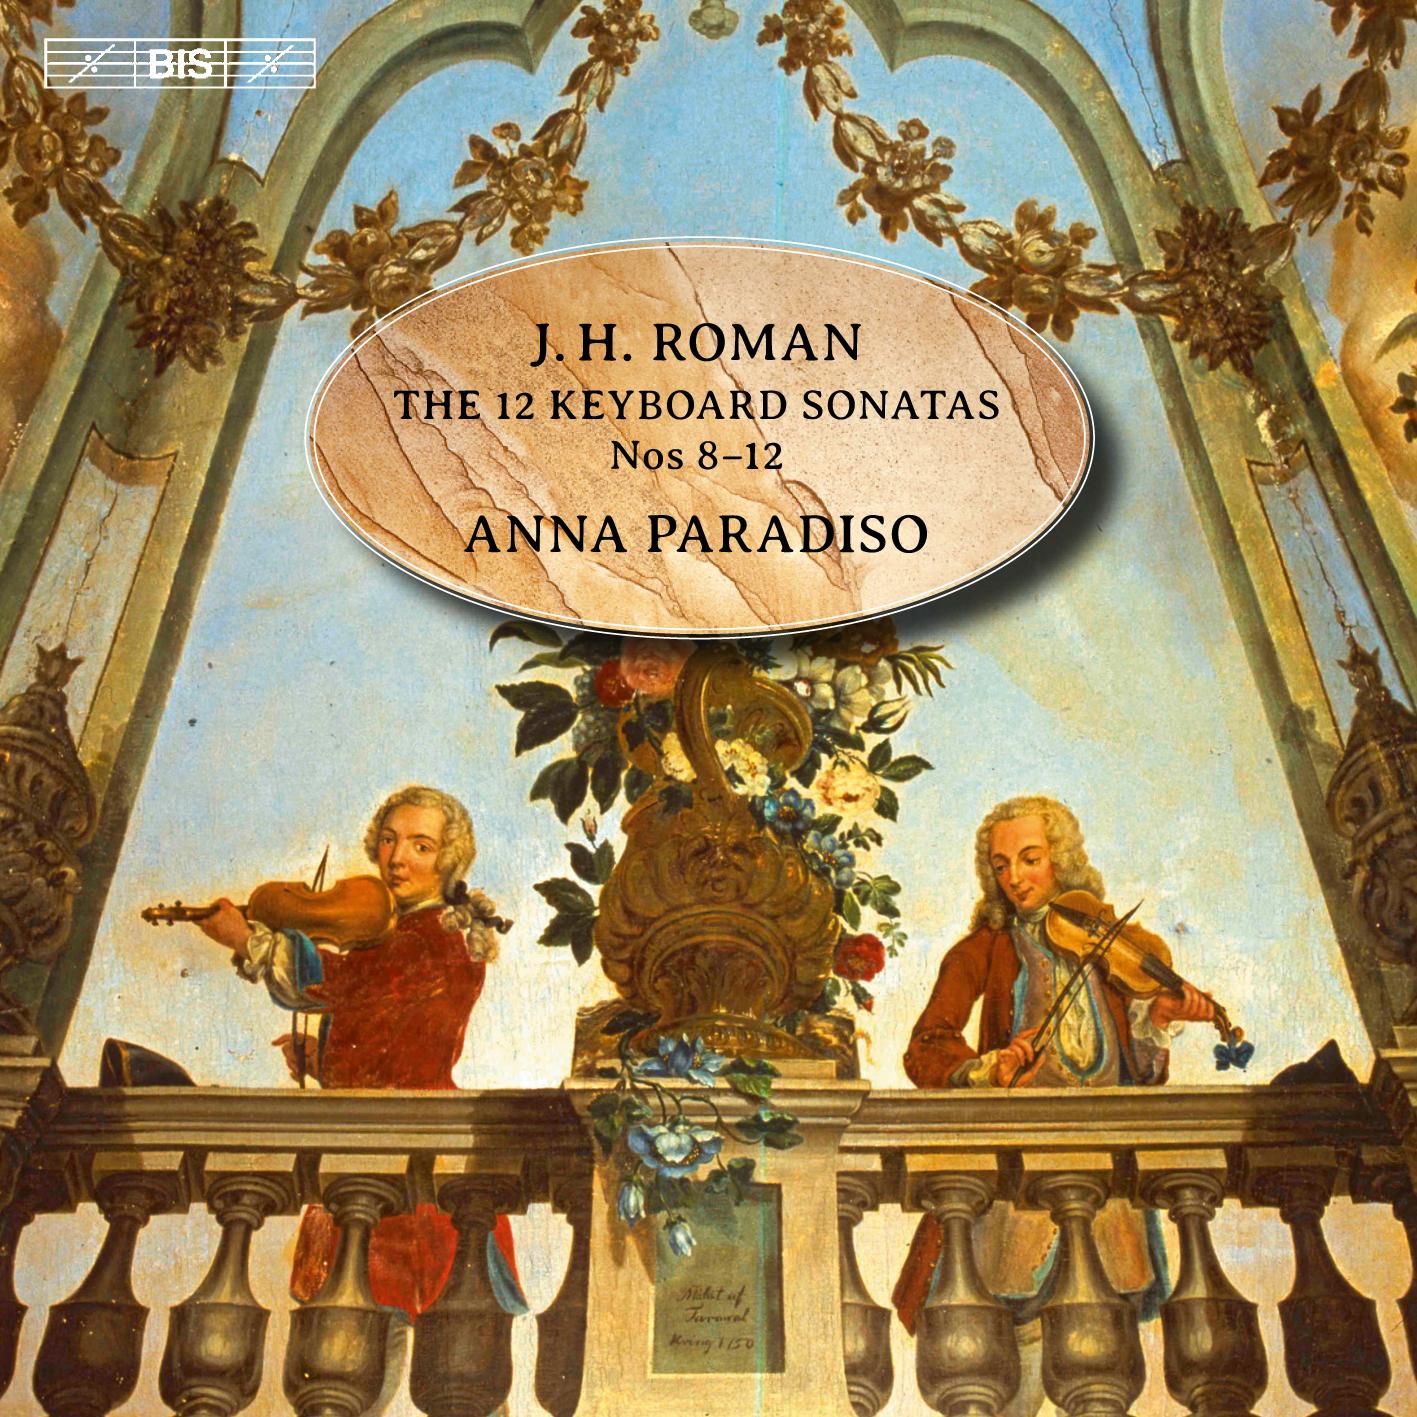 Johan Helmich Roman - Charles Farncombe - Drottningholmsmusiken